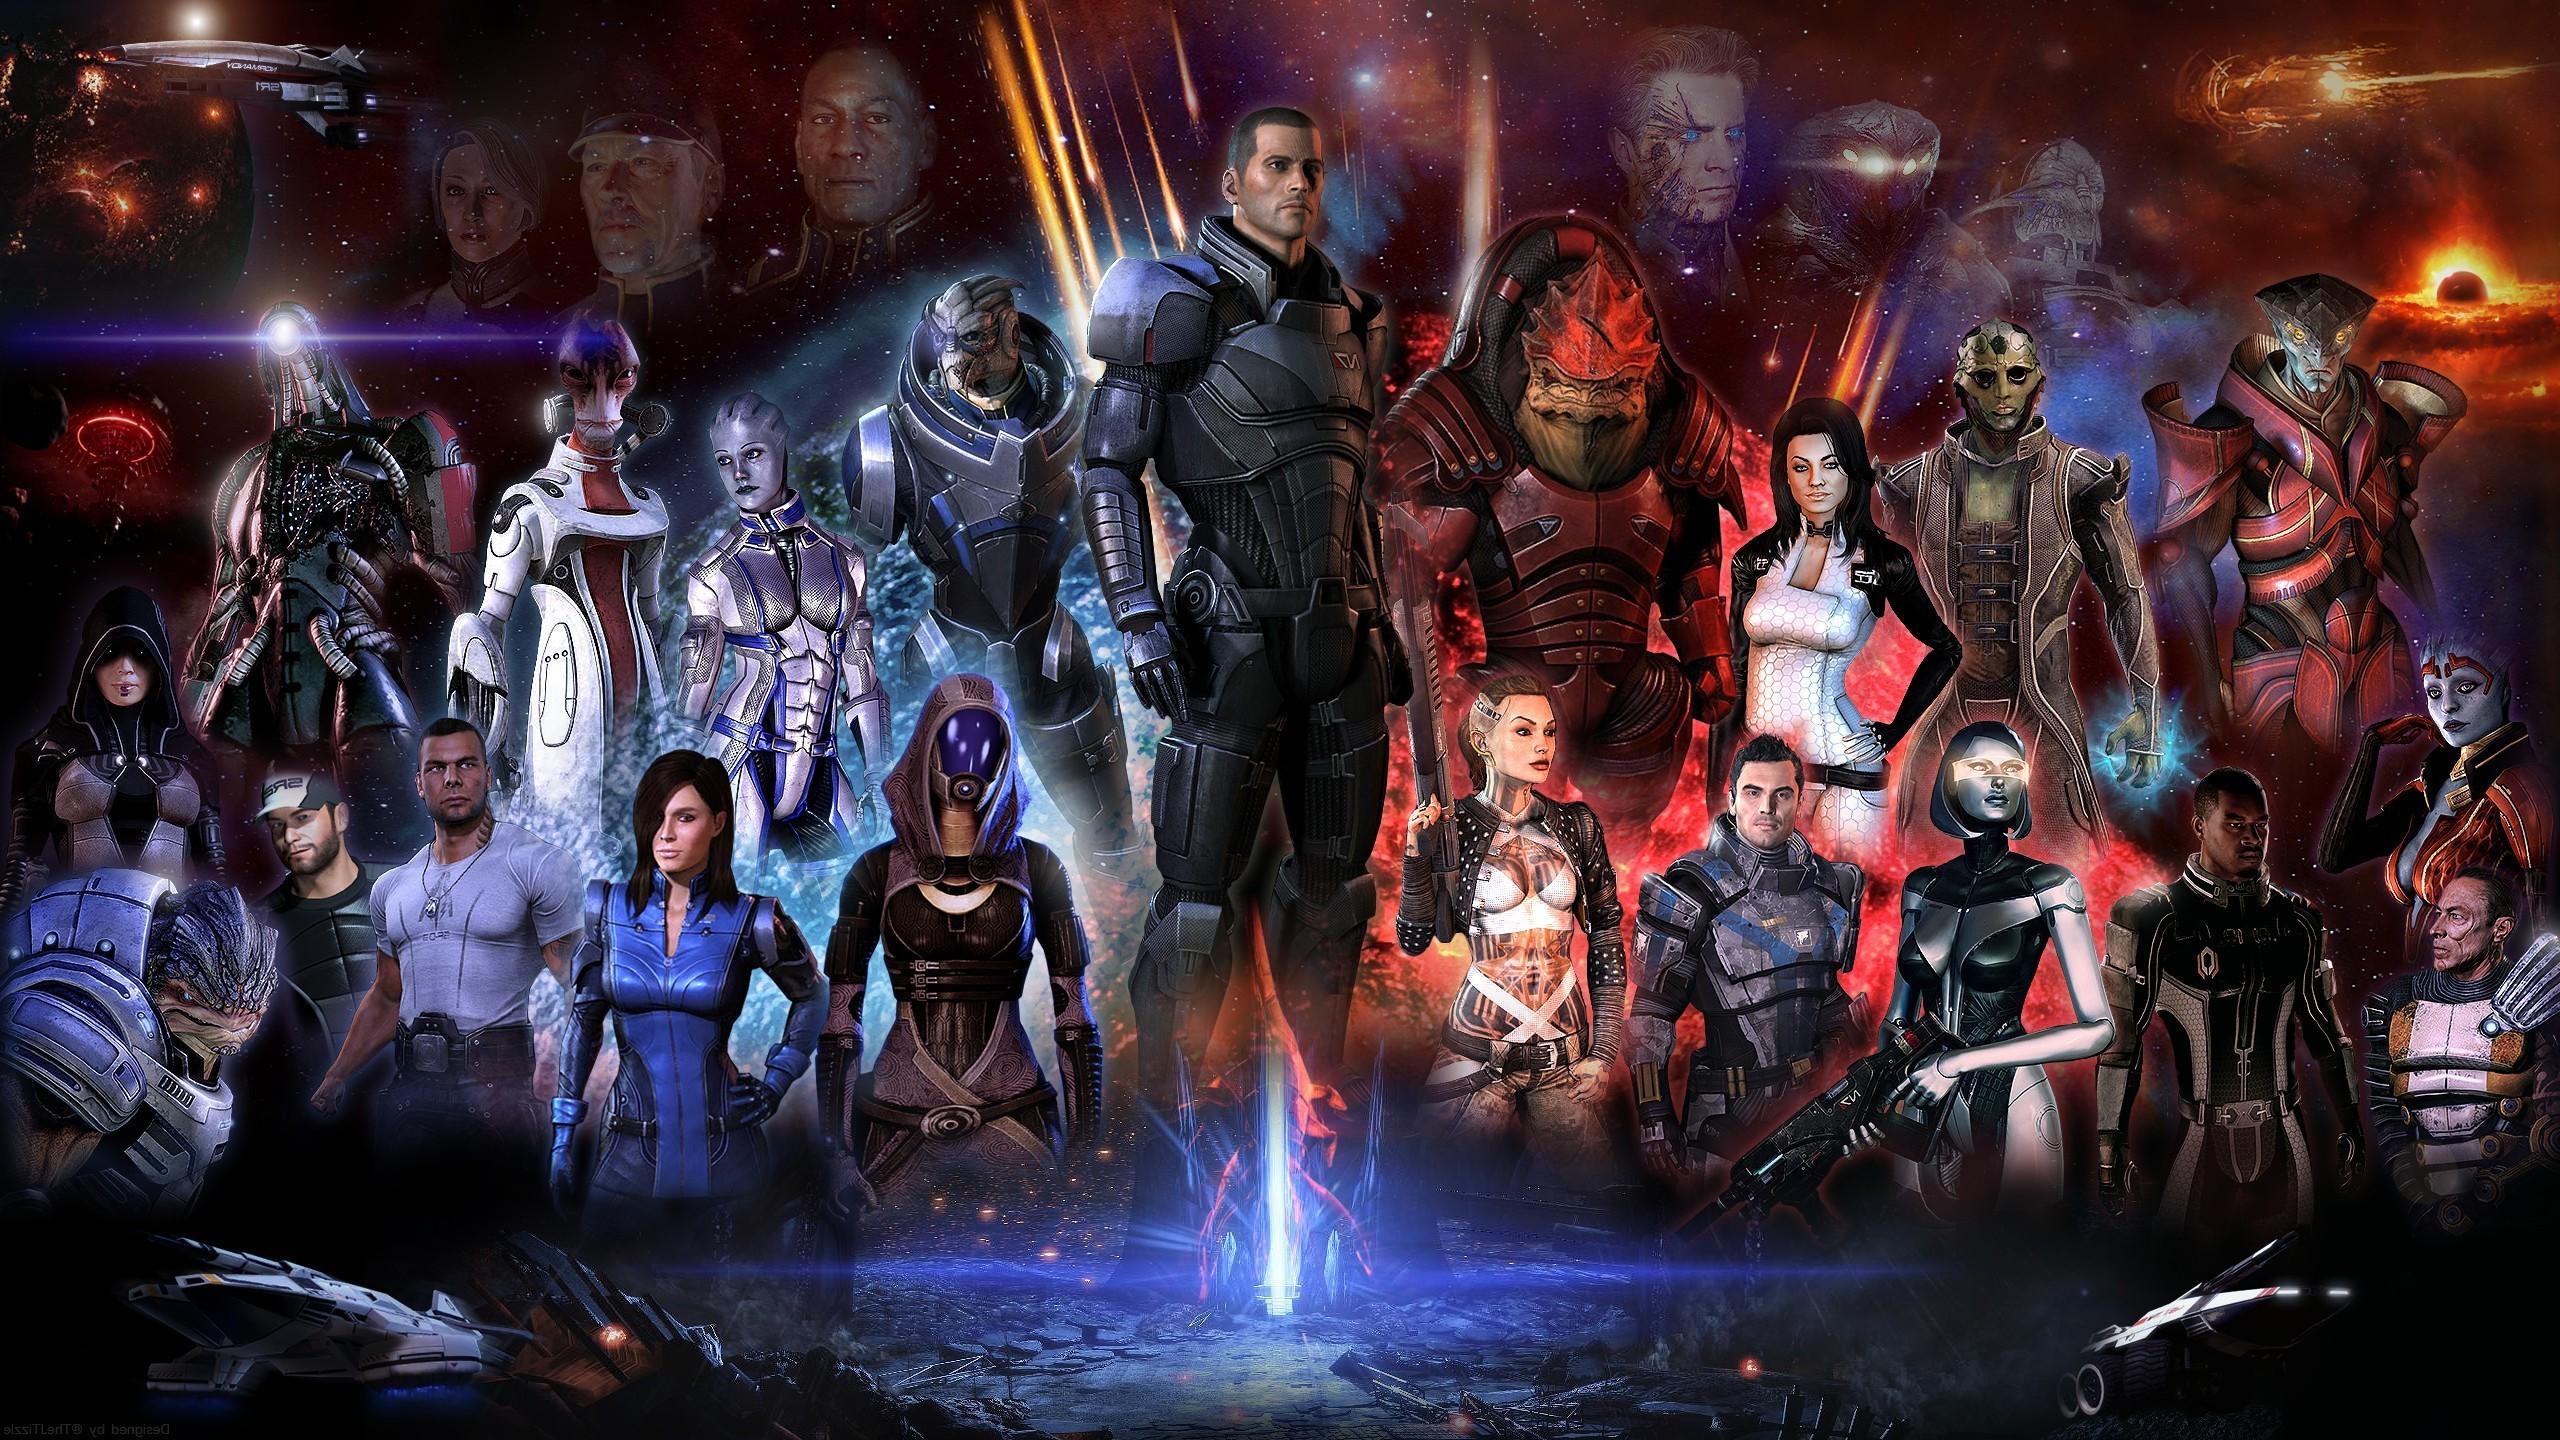 Mass Effect 2 Wallpaper 79 Images